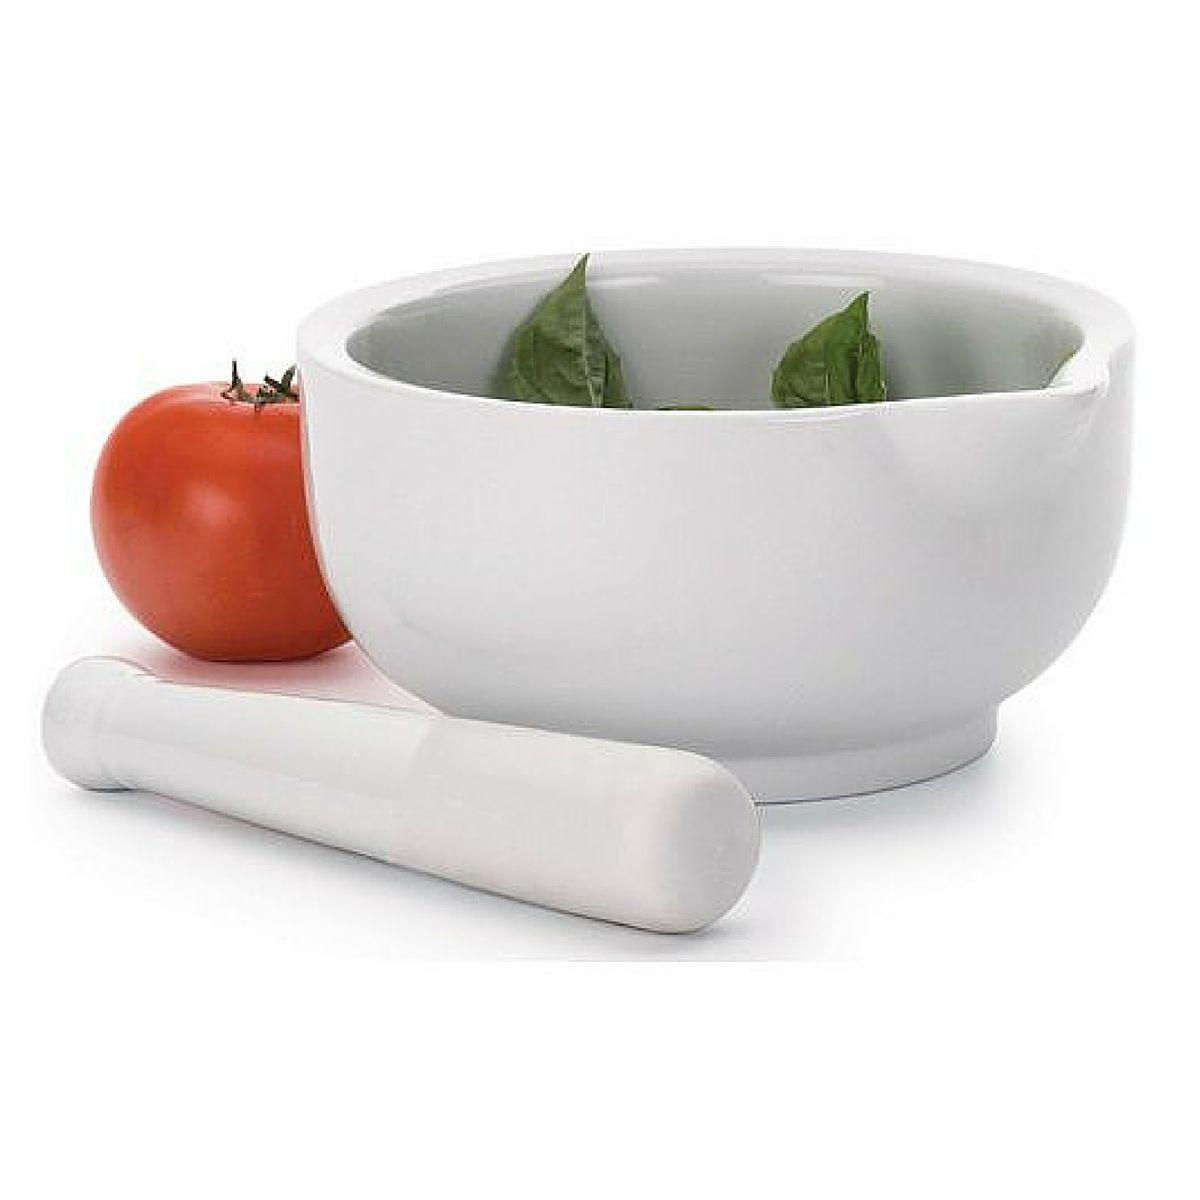 Ступка RSVP, с пестиком, цвет: белый, 1,42 лJULIAЭта вместительная фарфоровая ступка (диаметр 19 см) с пестиком идеальна для приготовления соусов. Разнообразьте своё меню великолепным домашним песто или сальсой!